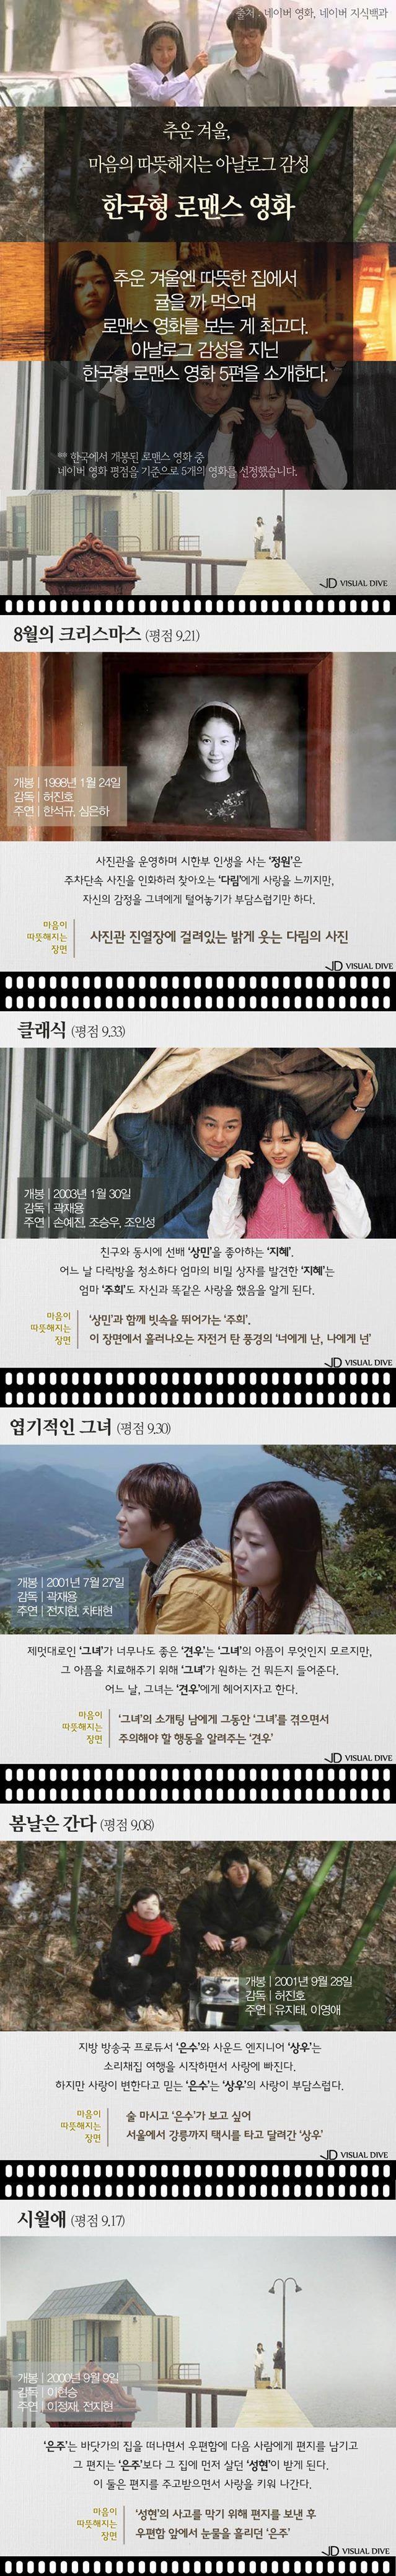 한파 속 추위를 녹여줄 '따뜻한 로맨스 영화' [인포그래픽] #Movie / #infograhpic ⓒ 비주얼다이브 무단 복사·전재·재배포 금지